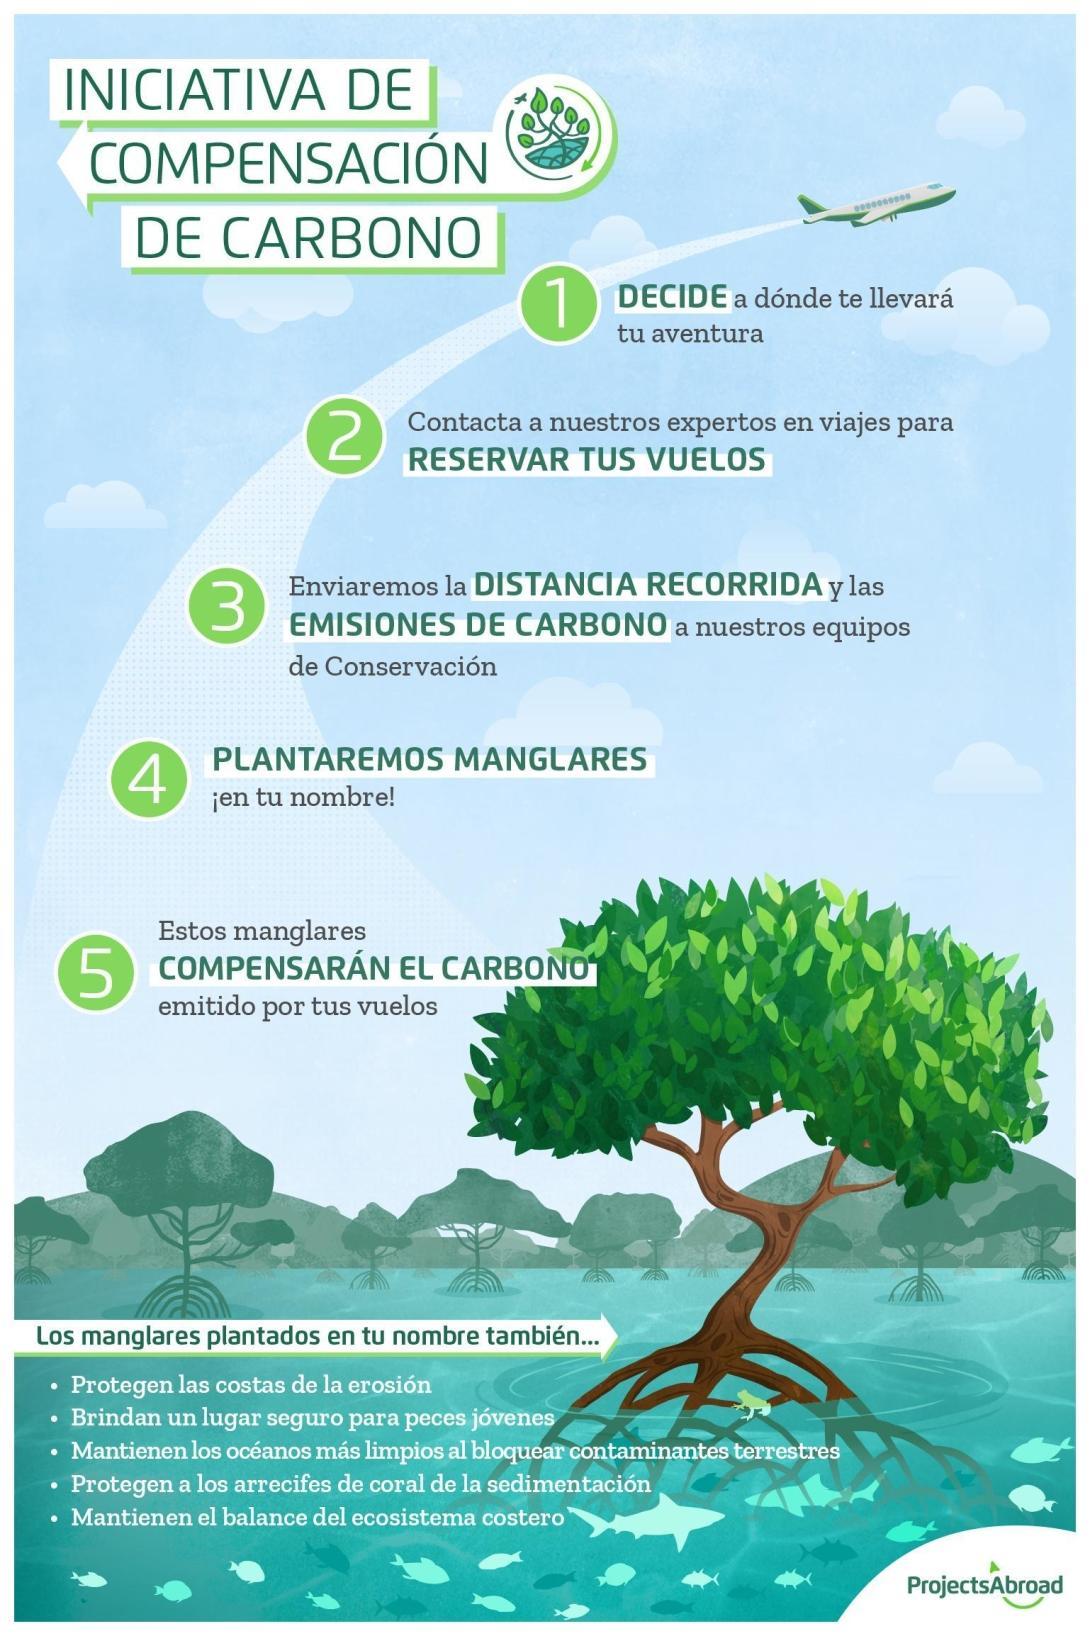 Infografía explicativa de cómo plantar manglares reduce nuestra huella de carbono.